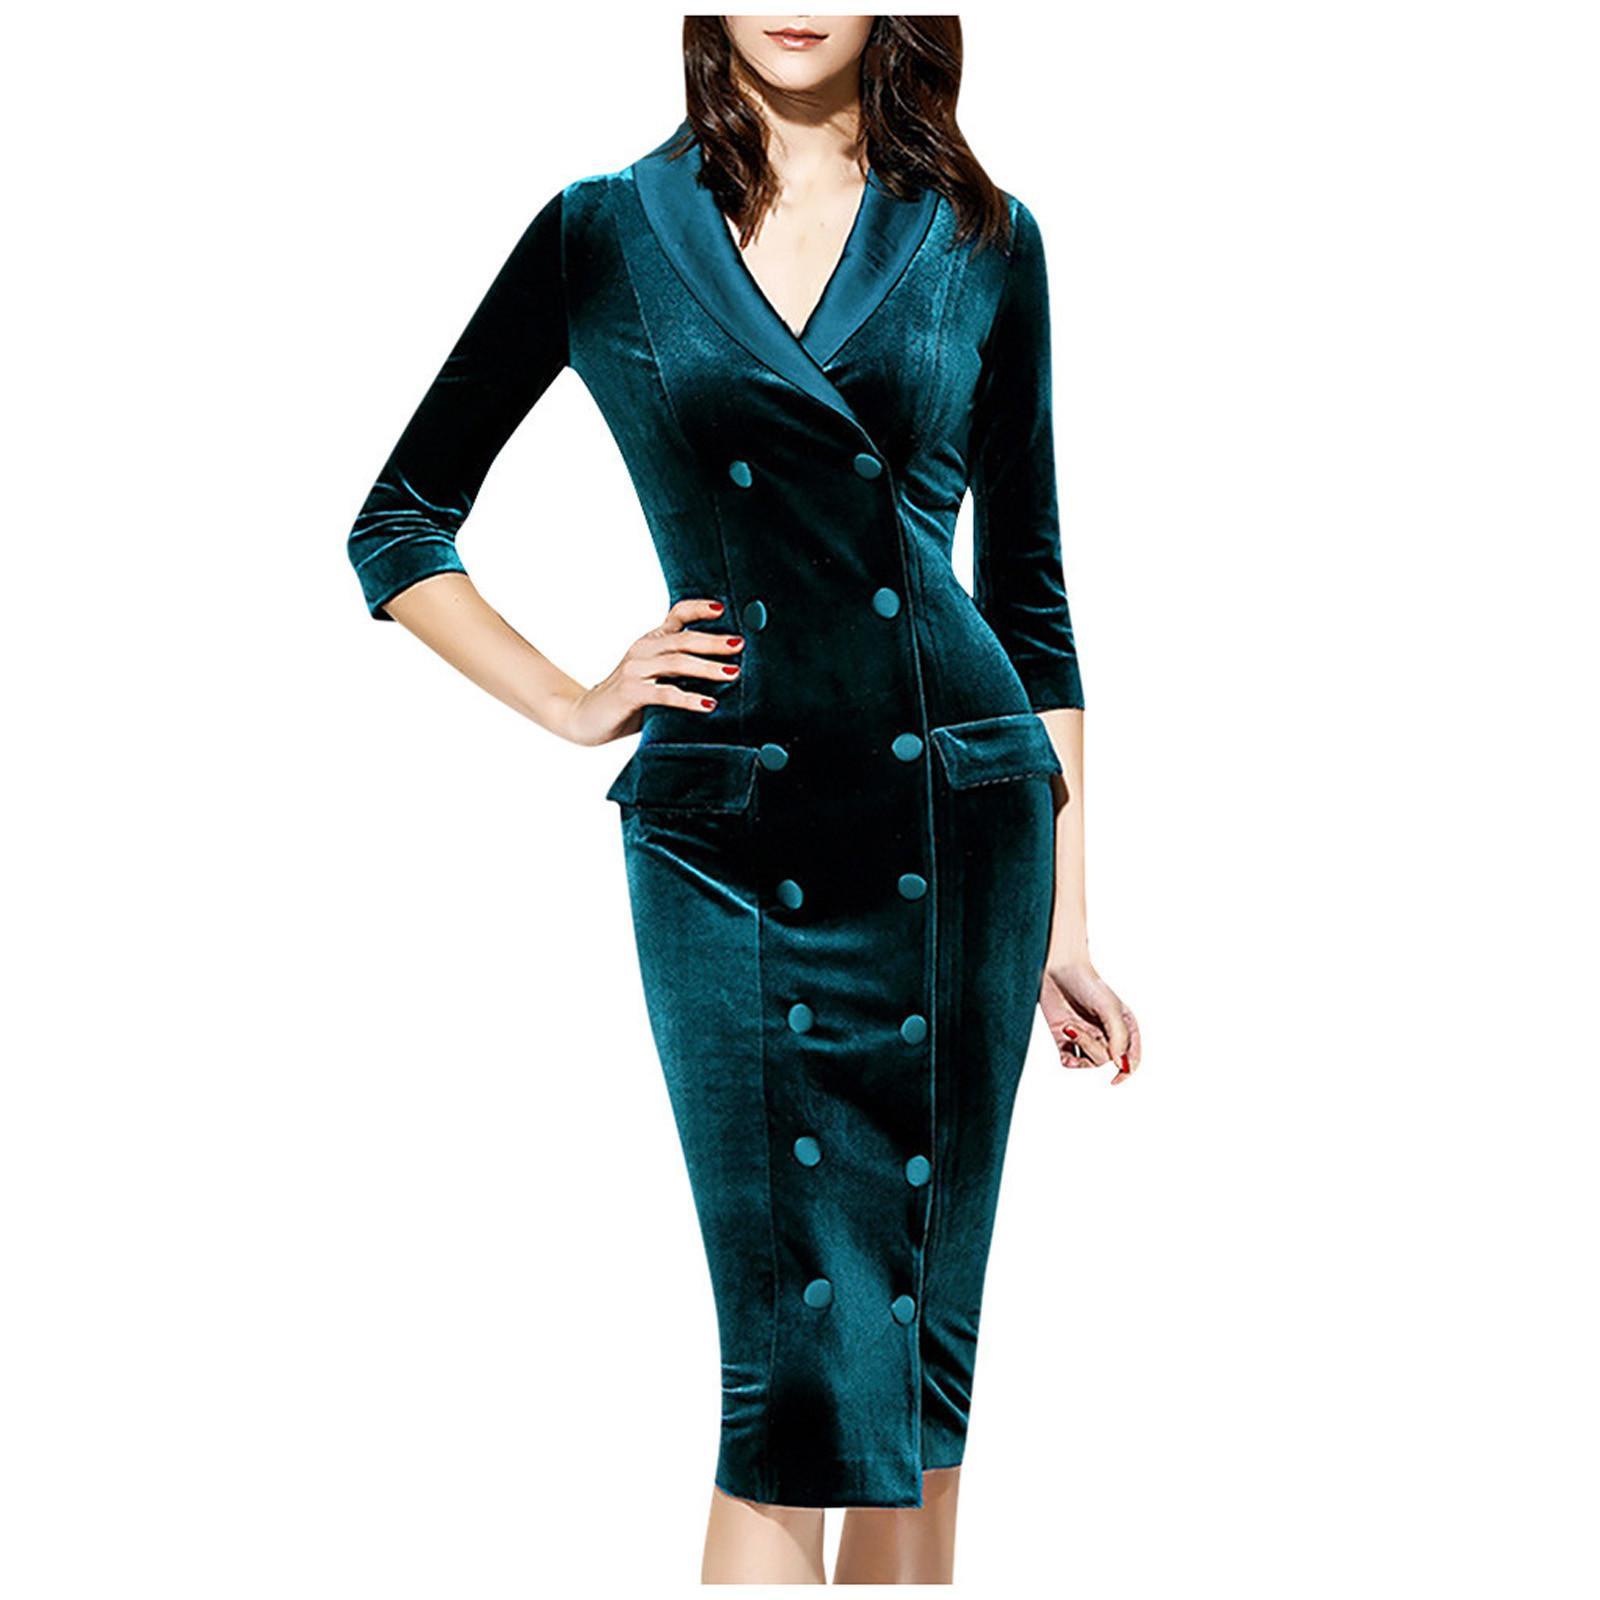 Vestiti professionali eleganti eleganti eleganti a maniche lunghe veet donna 2021woman's scollo a V Gothic Maxi Abiti per le donne